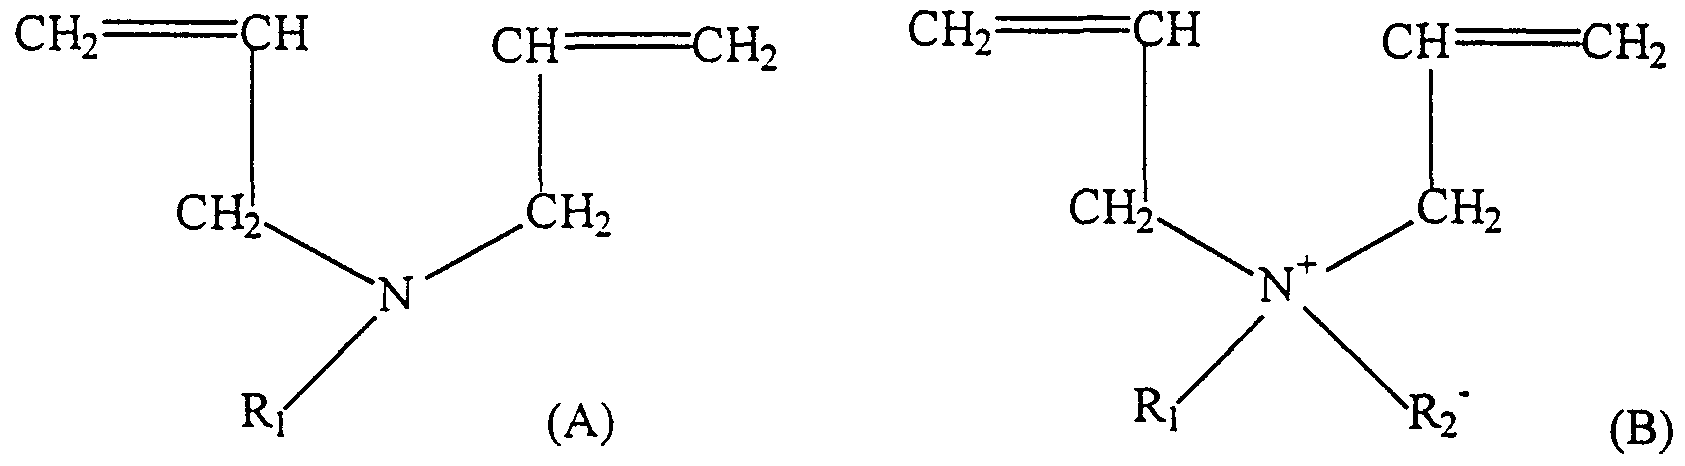 4-dichlorophenyl) vinyl diethyl phosphate